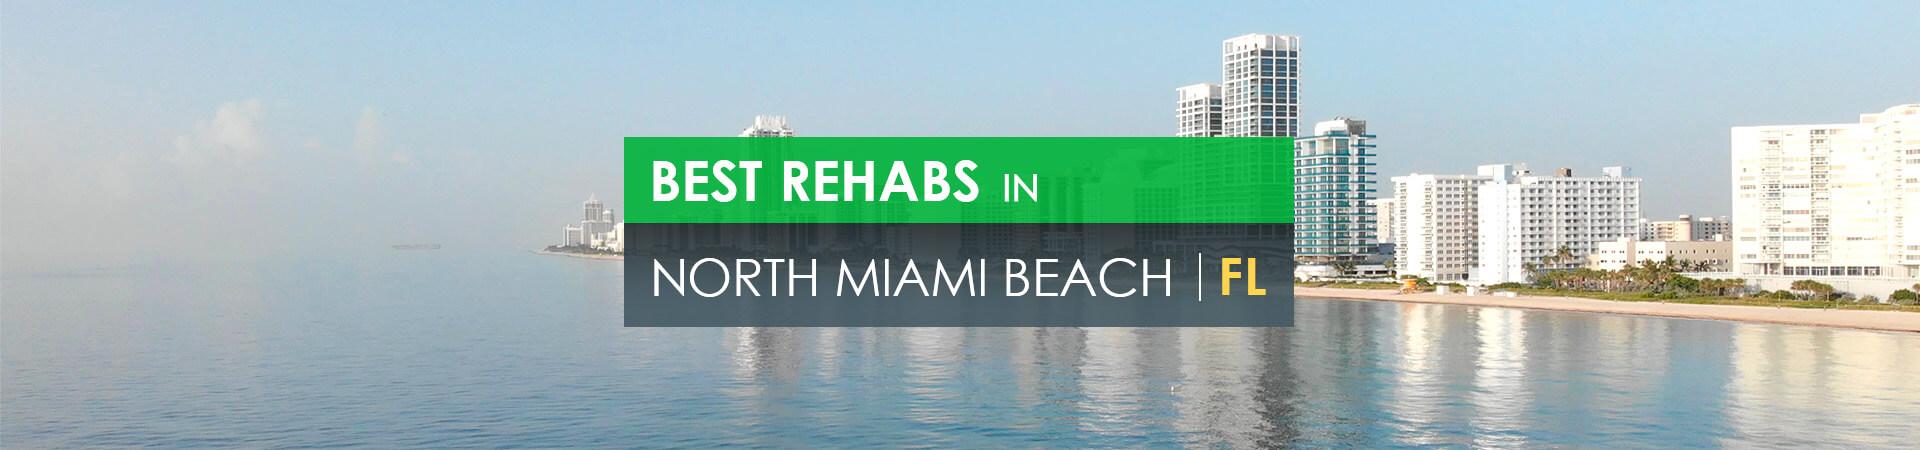 Best rehabs in North Miami Beach, FL